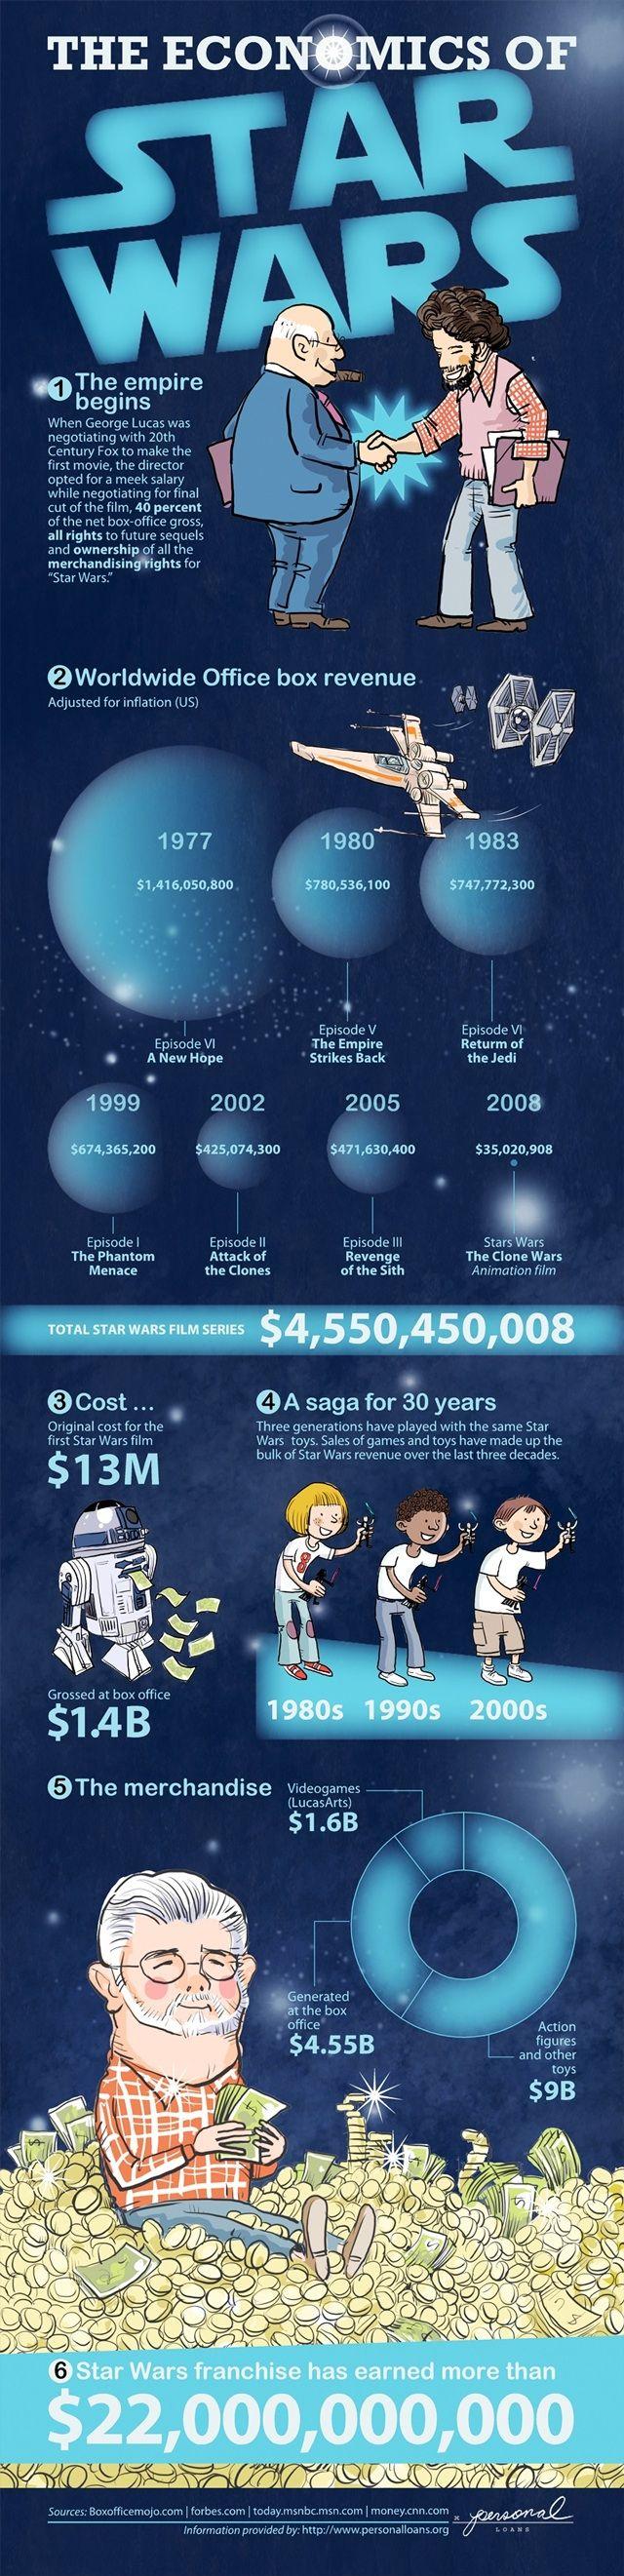 46 best Money & Kids images on Pinterest | Economics, Economics ...